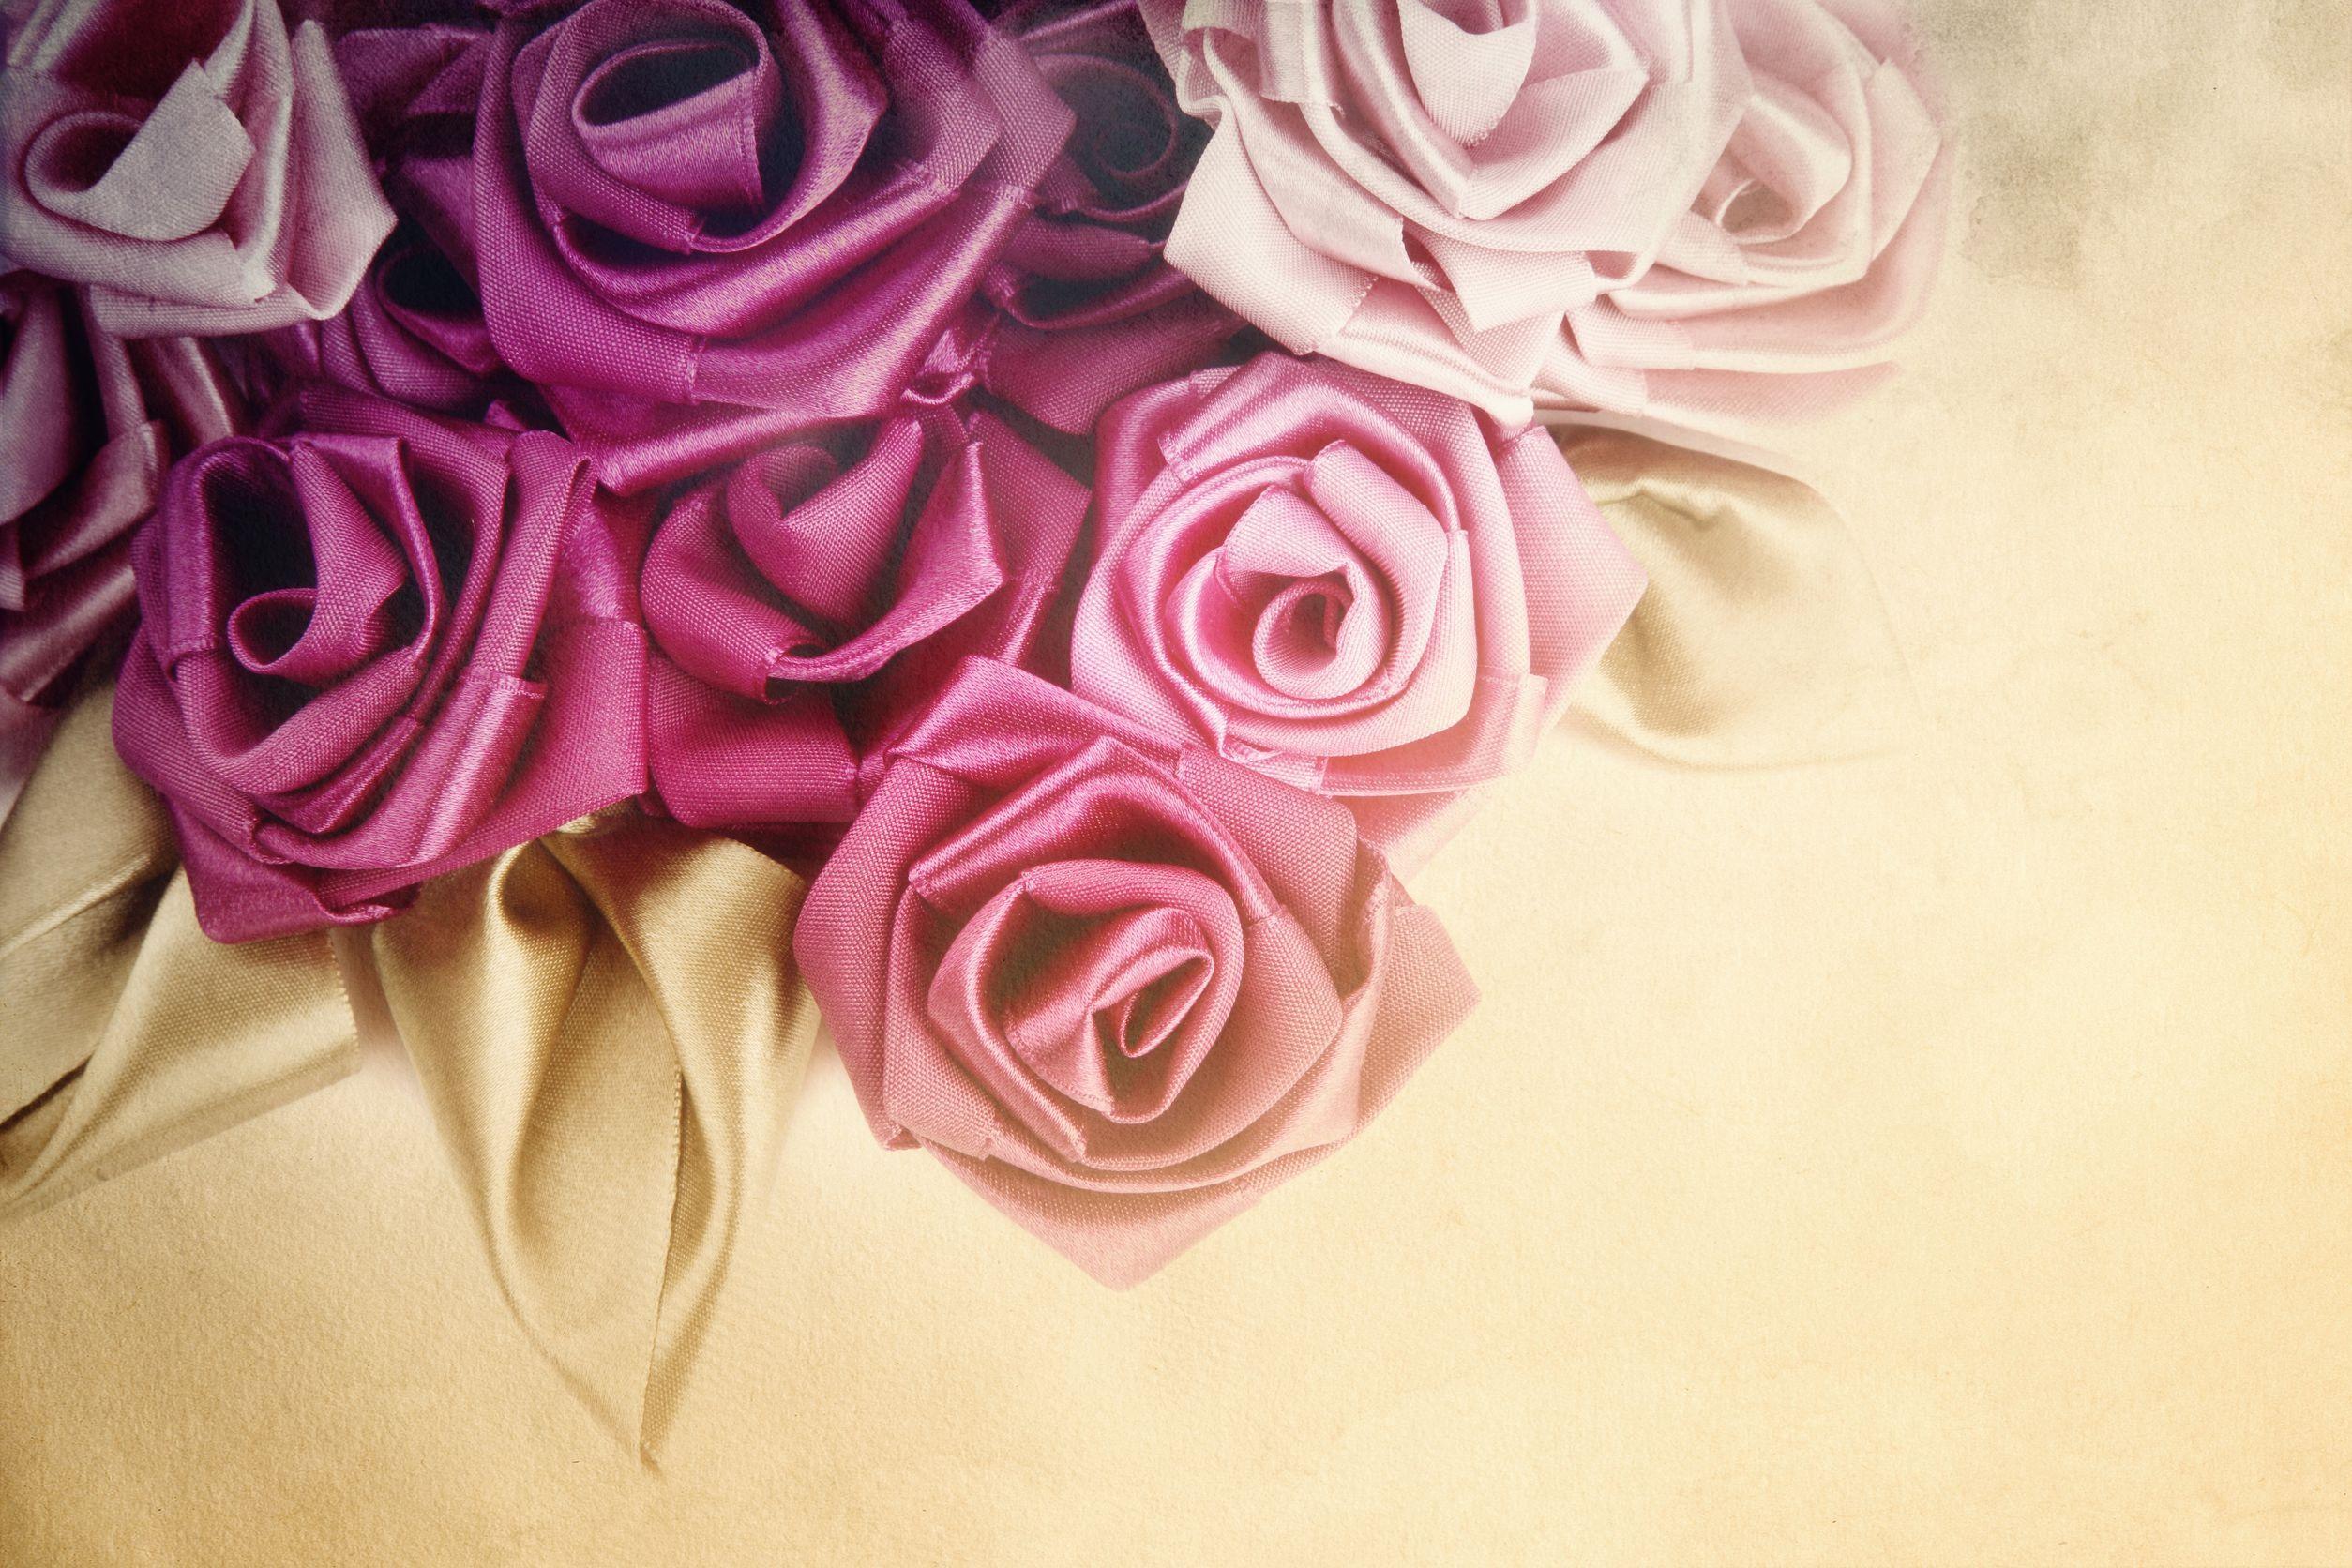 roses flower wallpaper app for android